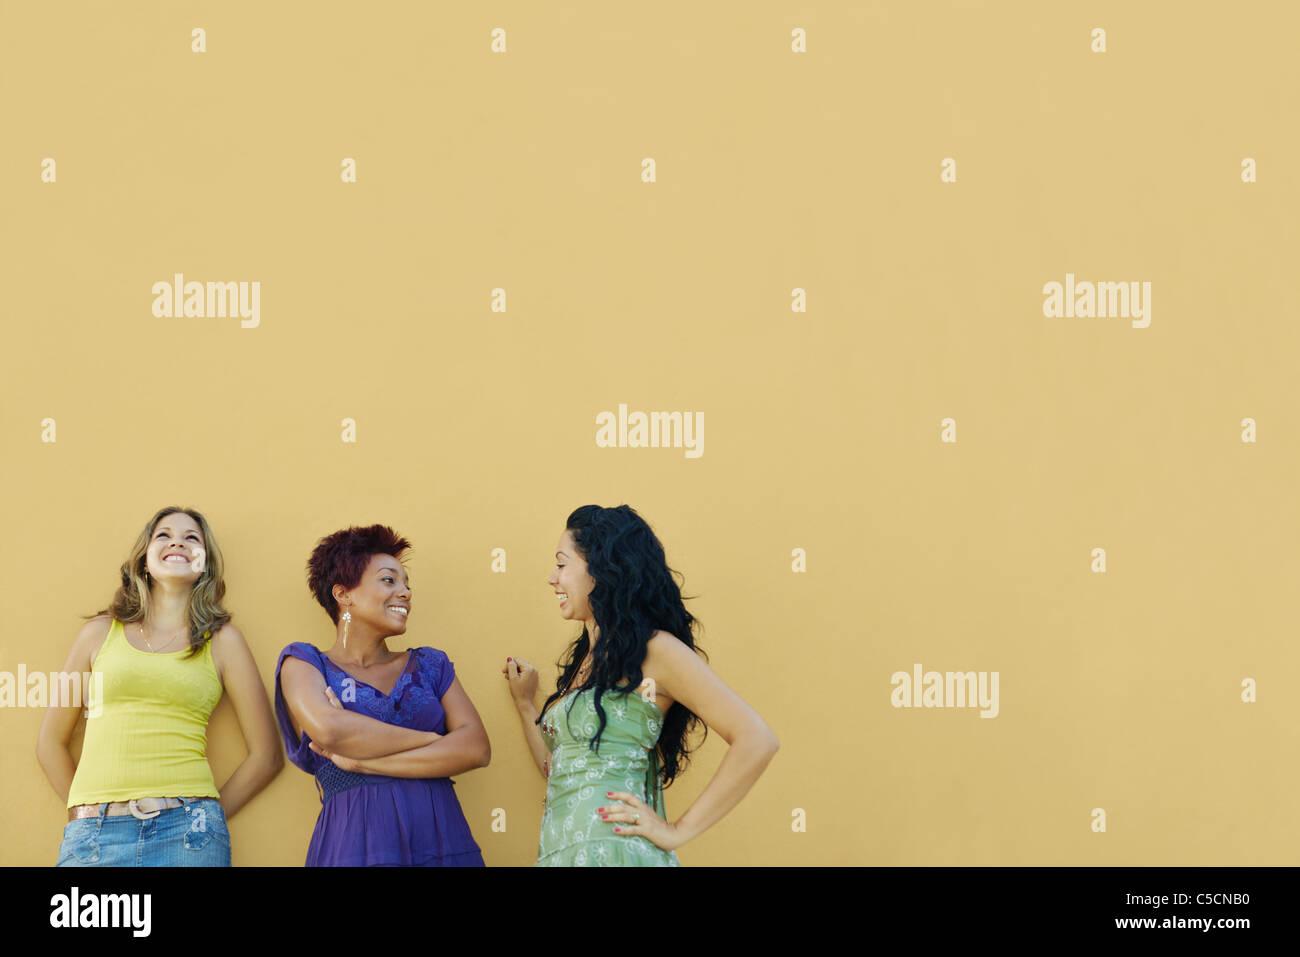 Groupe de trois amis hispaniques s'appuyant sur mur jaune et rire. Jusqu'à la taille, de forme horizontale, Photo Stock